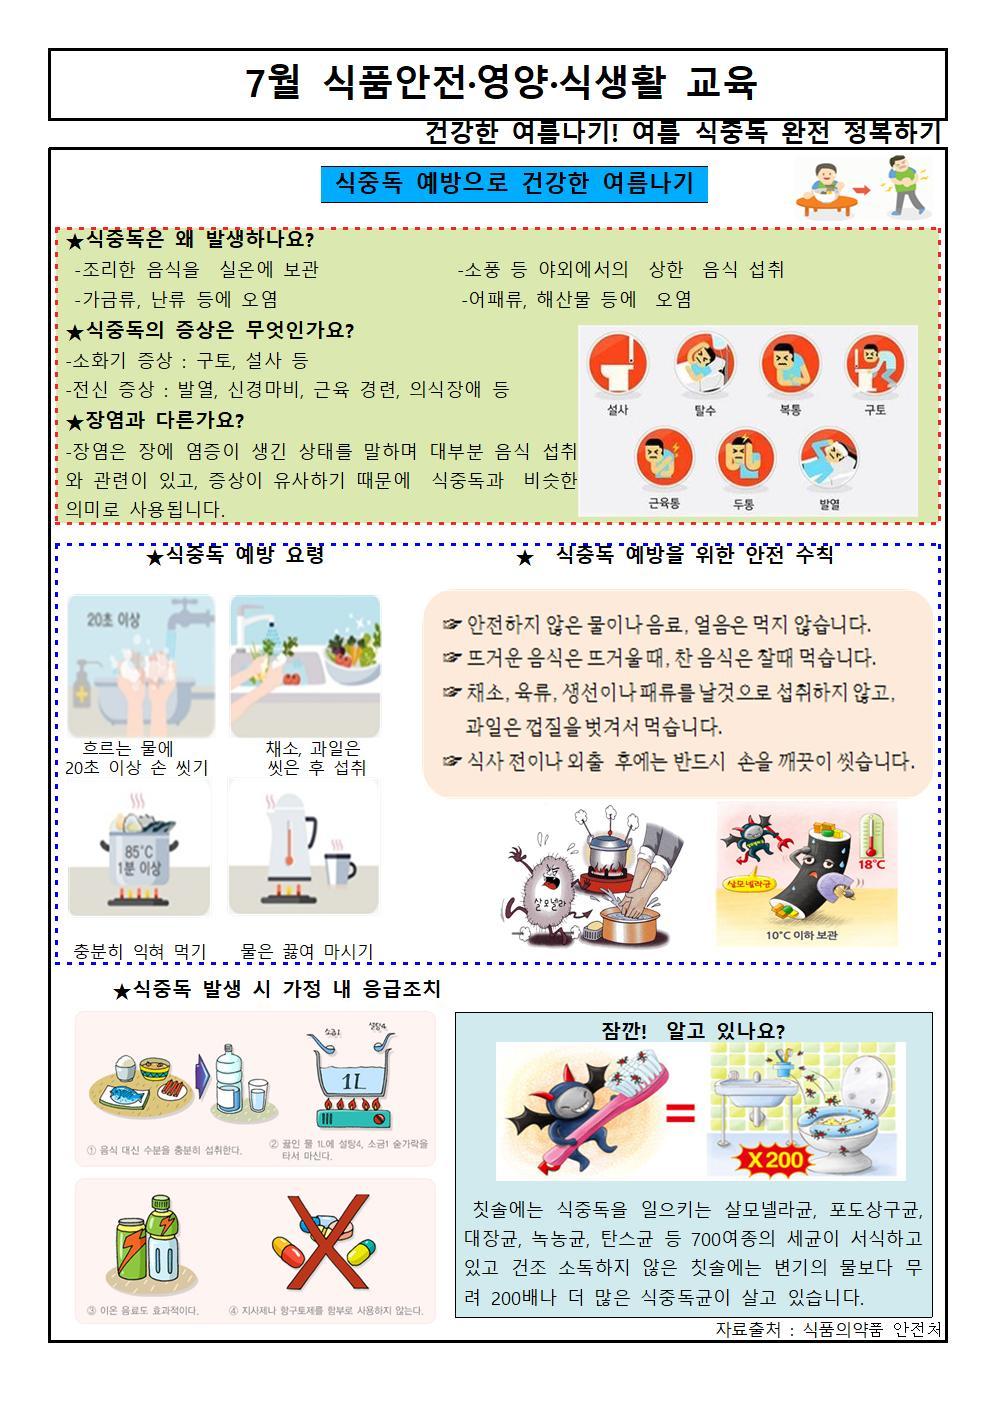 [일반] 제2021-84호 2021.7월 학교식단 및 영양*위생교육자료의 첨부이미지 2